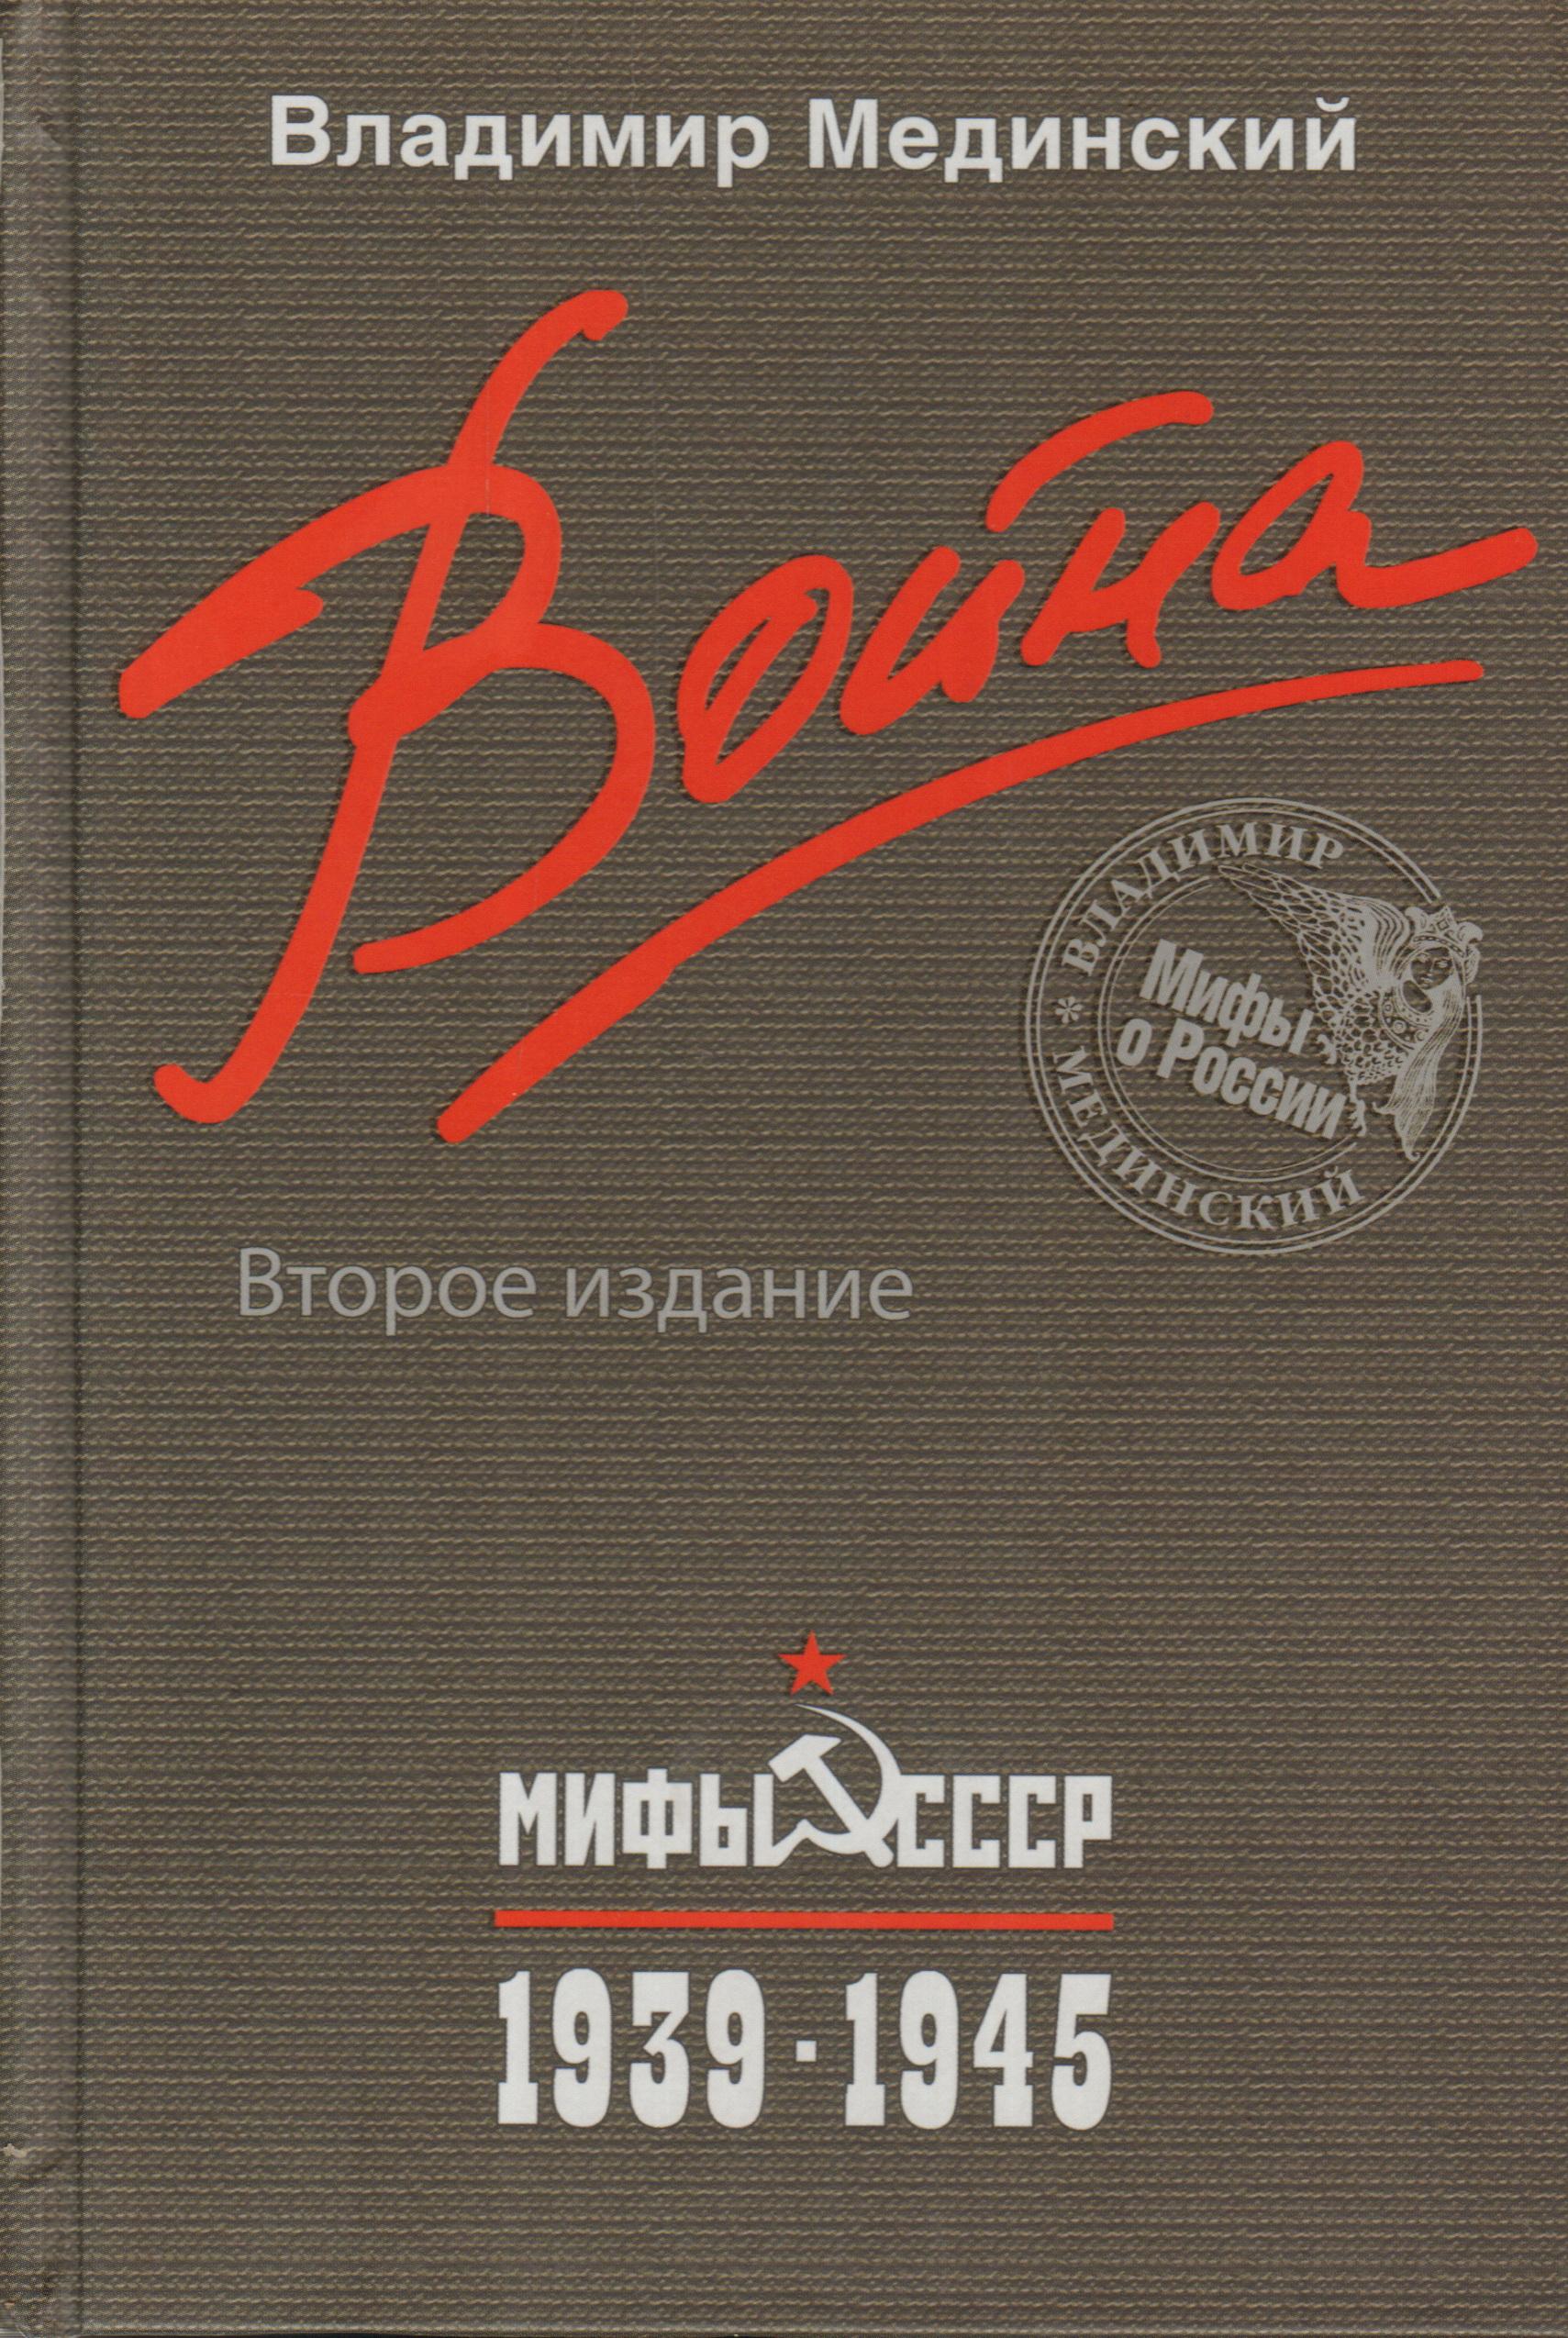 Война. Мифы СССР. 1939-1945 Второе издание (газ.)